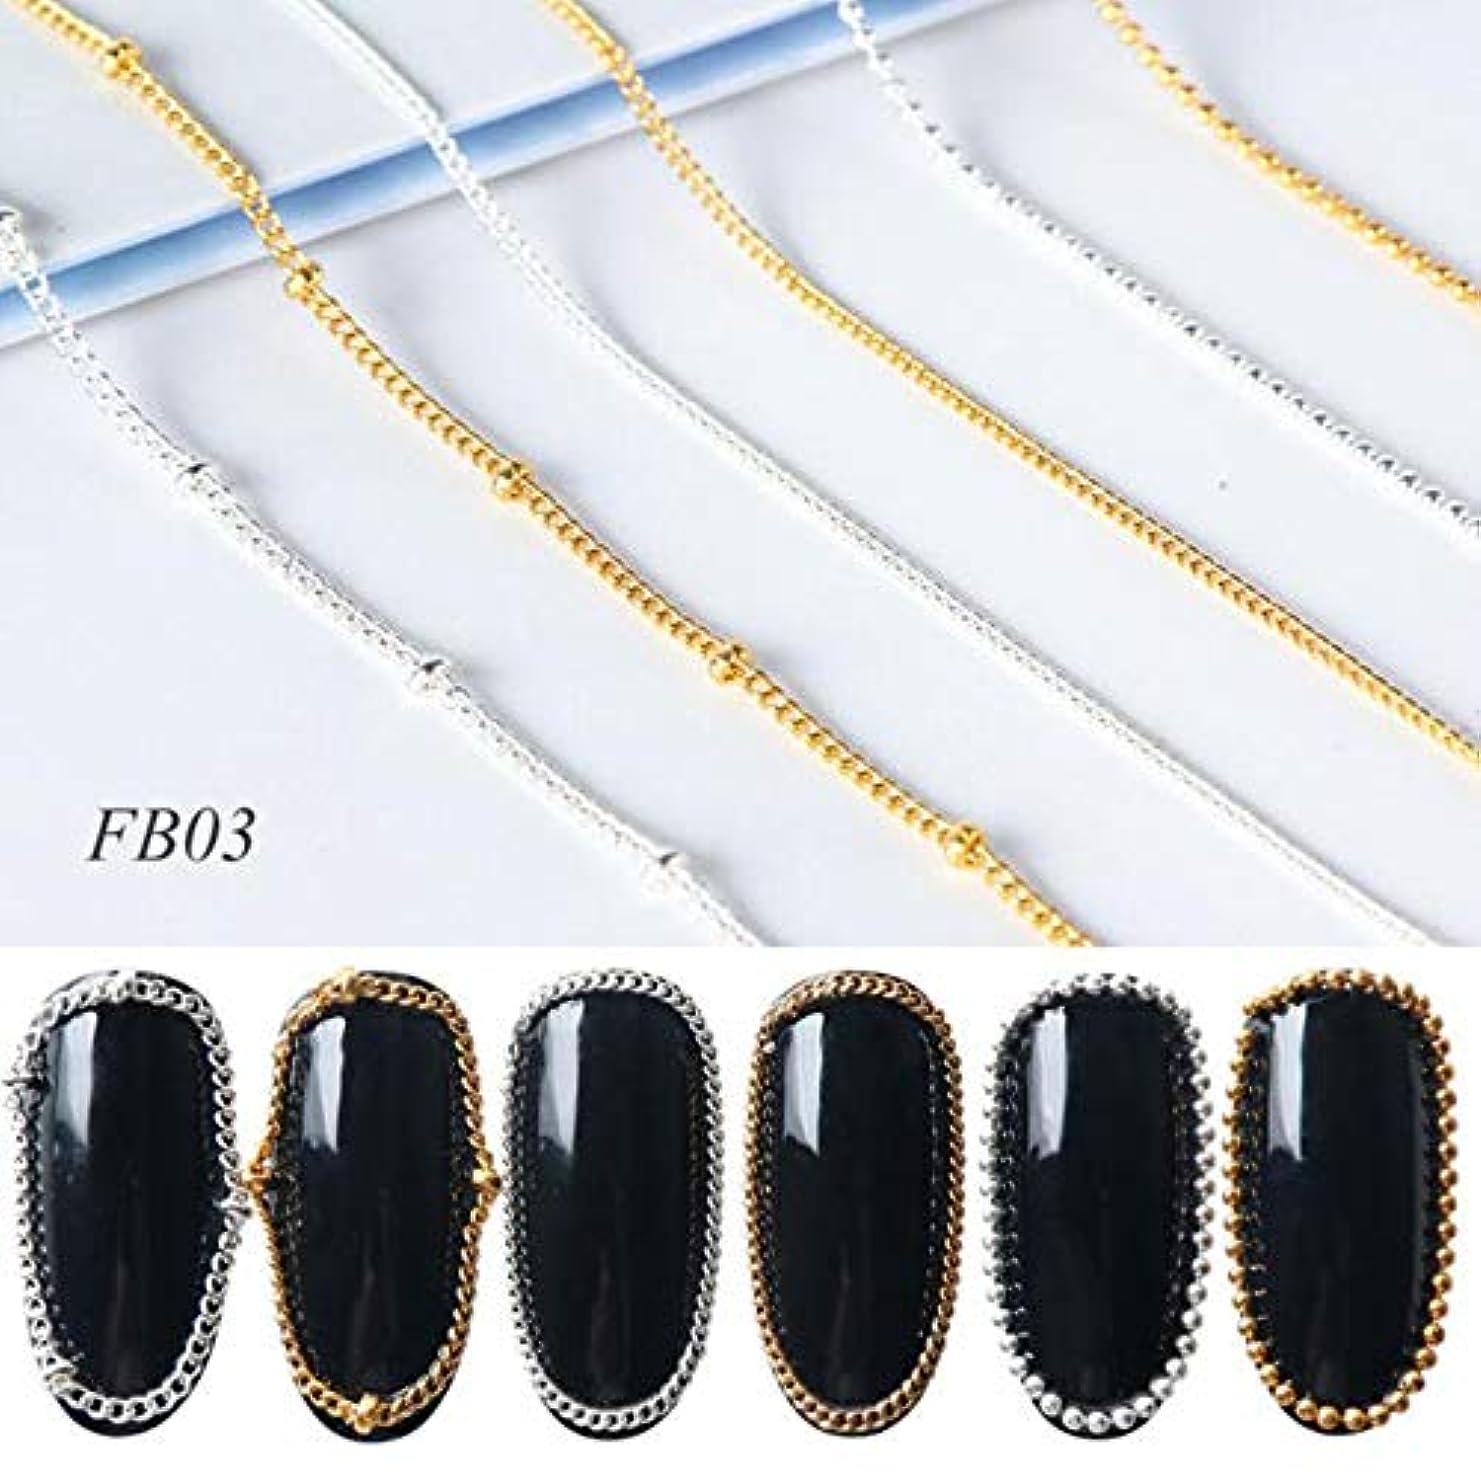 予見する大事にする茎6PCSラインストーンのために釘リンクチェーンネイルアートゴールド合金ラインストーンの装飾3Dダイヤモンドストーンチャームジュエリーアクセサリー,3